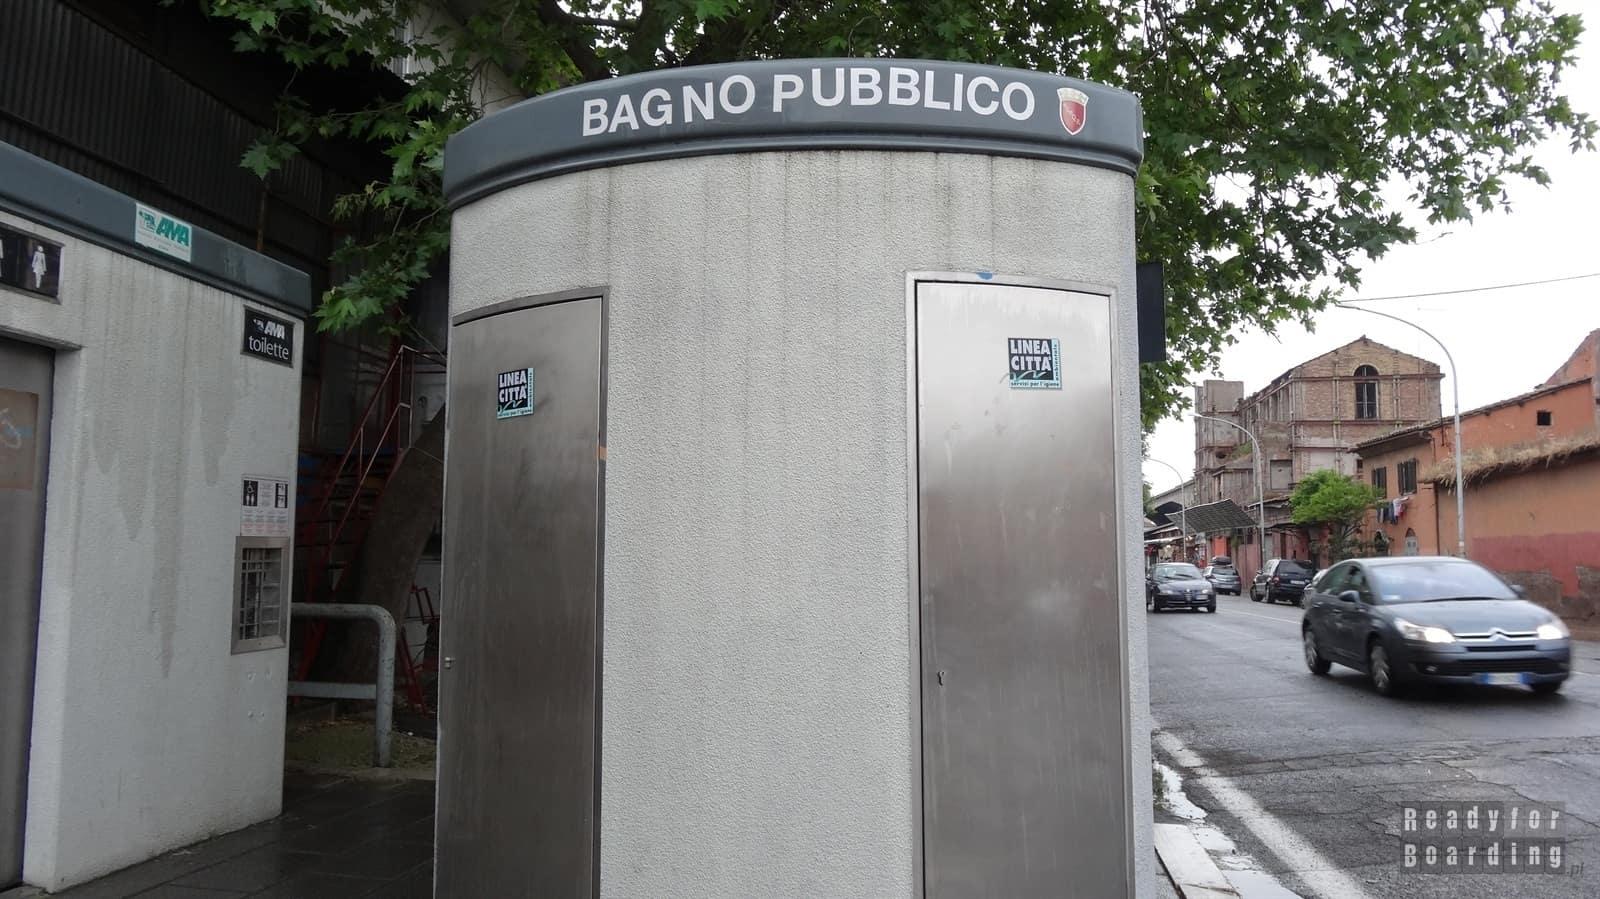 Bagno Pubblico, czyli toaleta miejska :-)